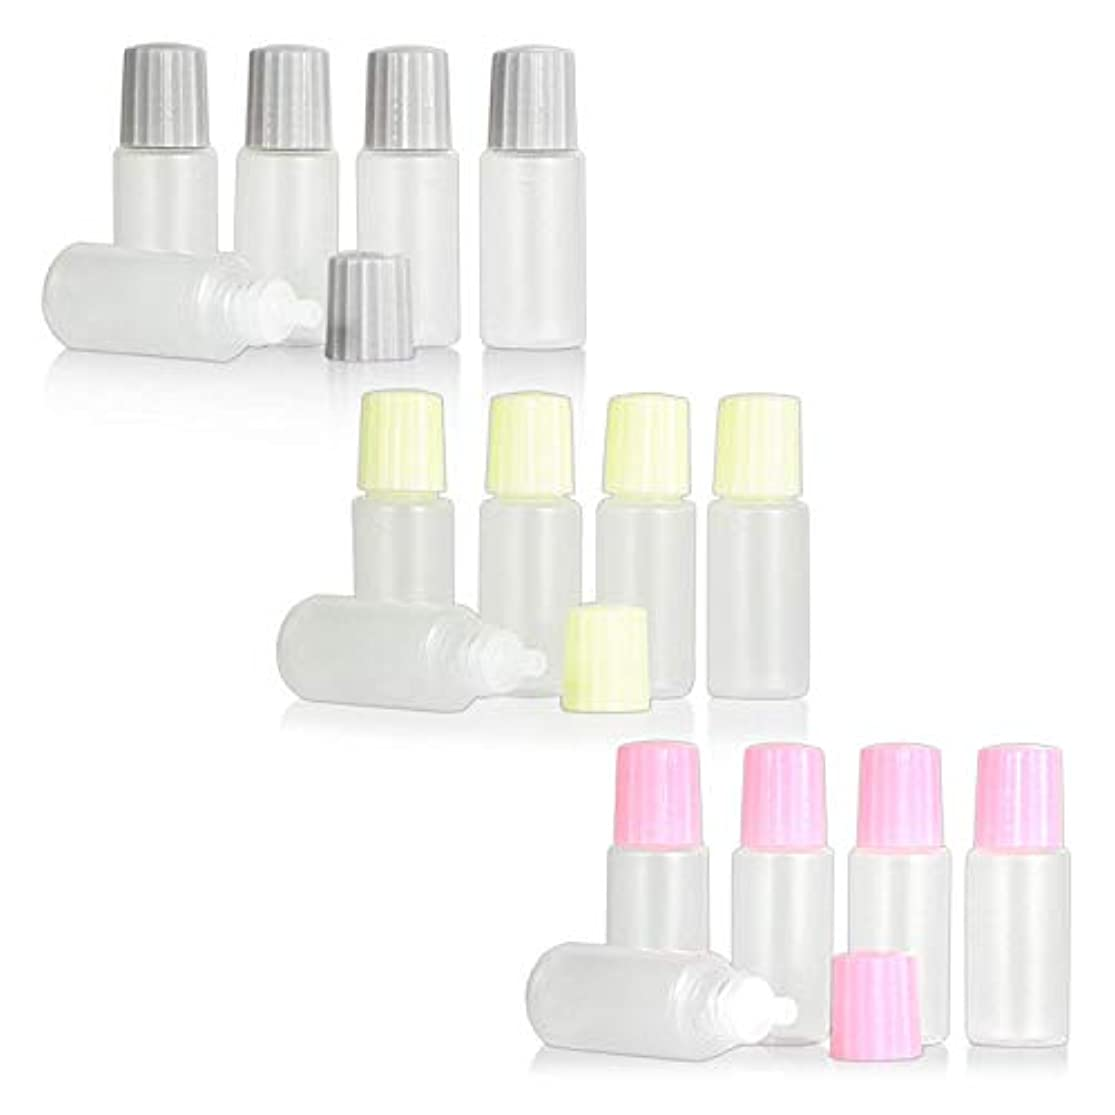 奪う添加終了しましたスポイトタイプ点眼容器 3色キャップ 各5本セット ピンク クリーム色 グレー 10ml